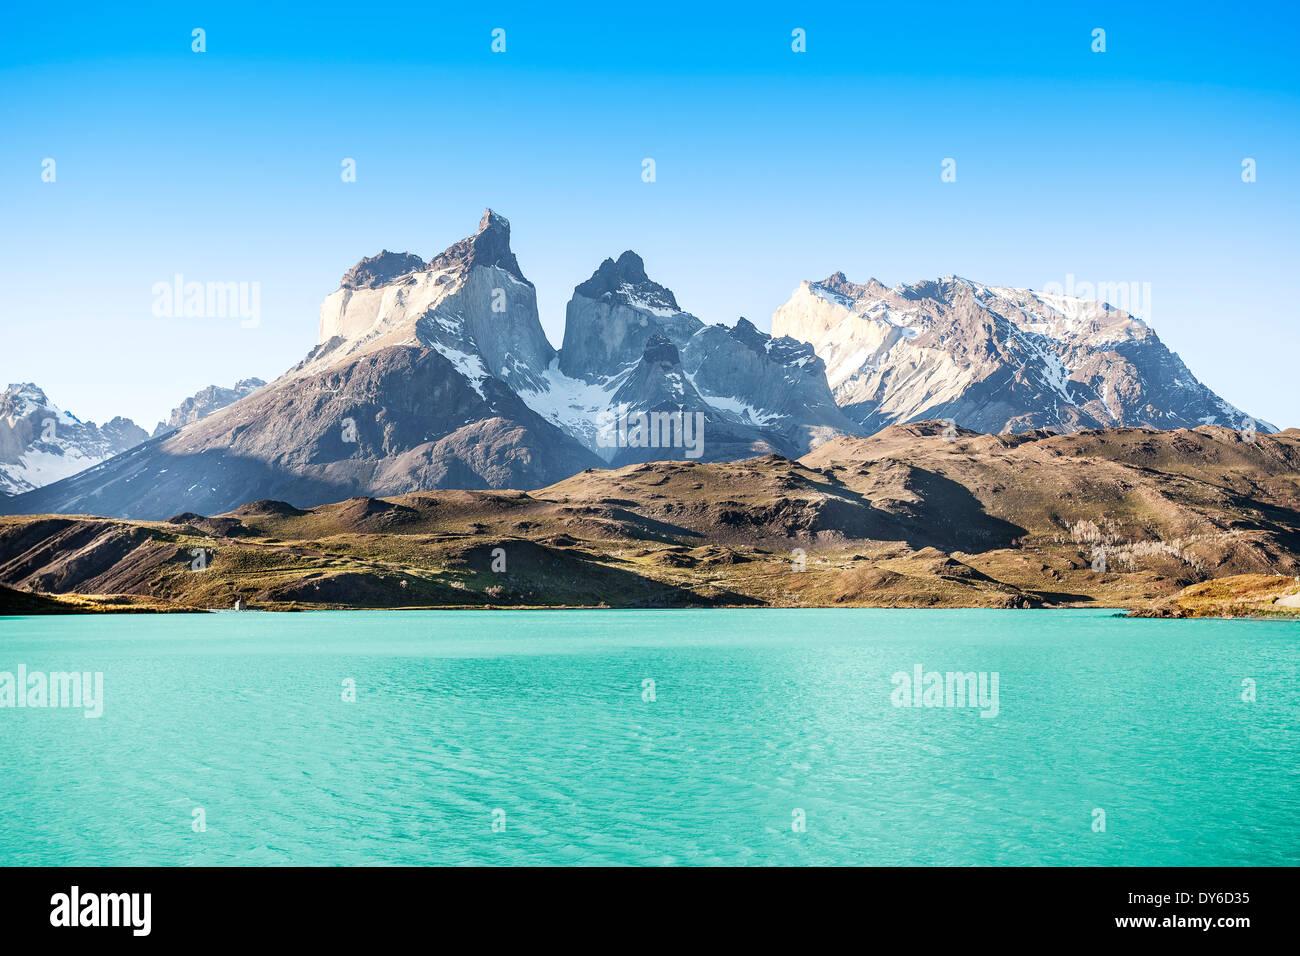 Mountain Lake Pehoé y Los Cuernos (los cuernos), el Parque Nacional Torres del Paine, Chile. Imagen De Stock